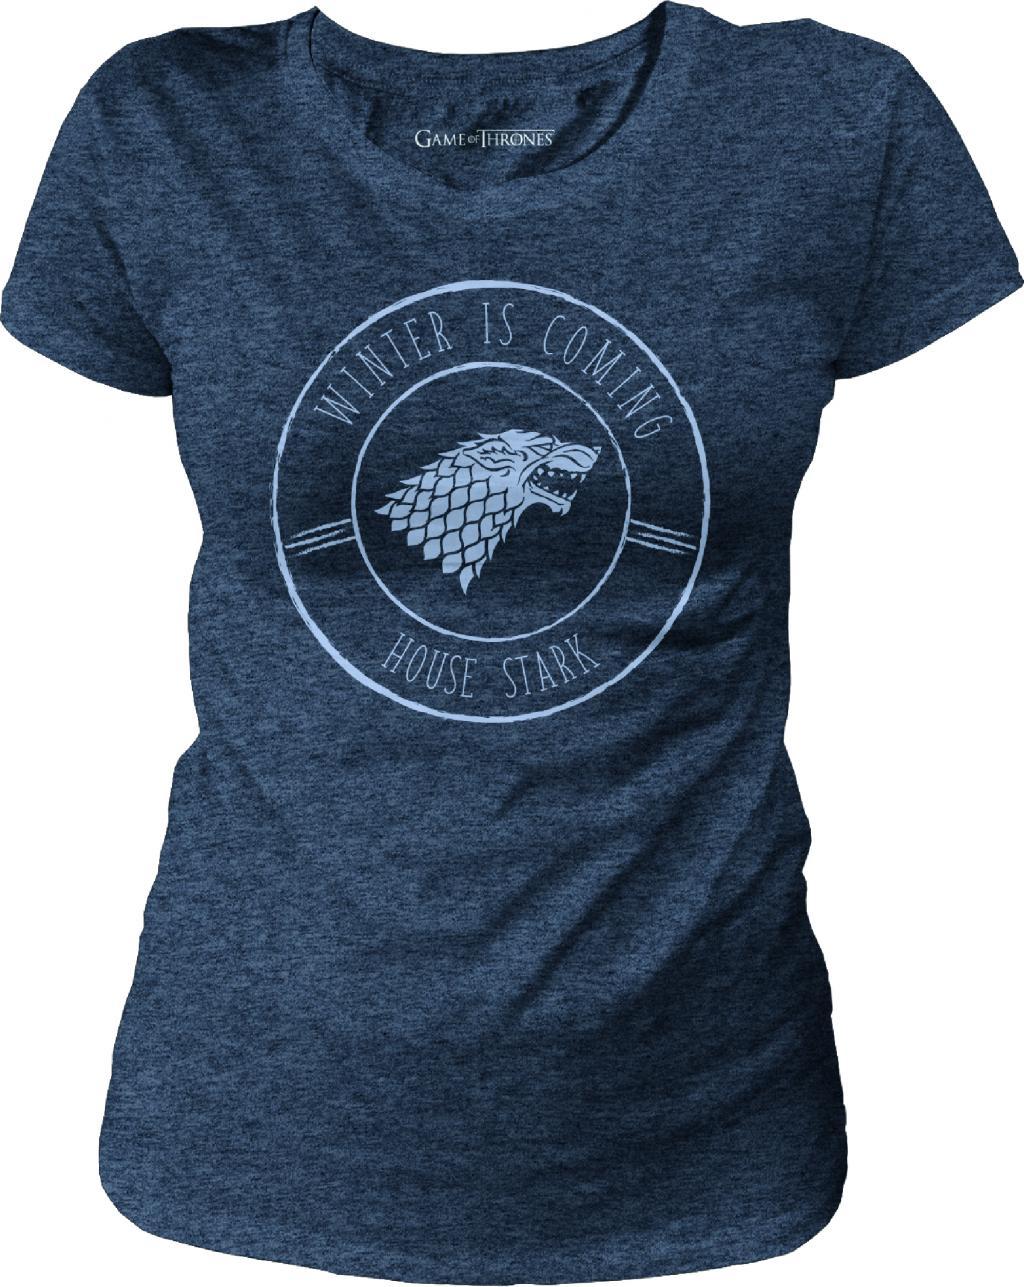 GAME OF THRONES - T-Shirt Stark Blason - GIRL (S)